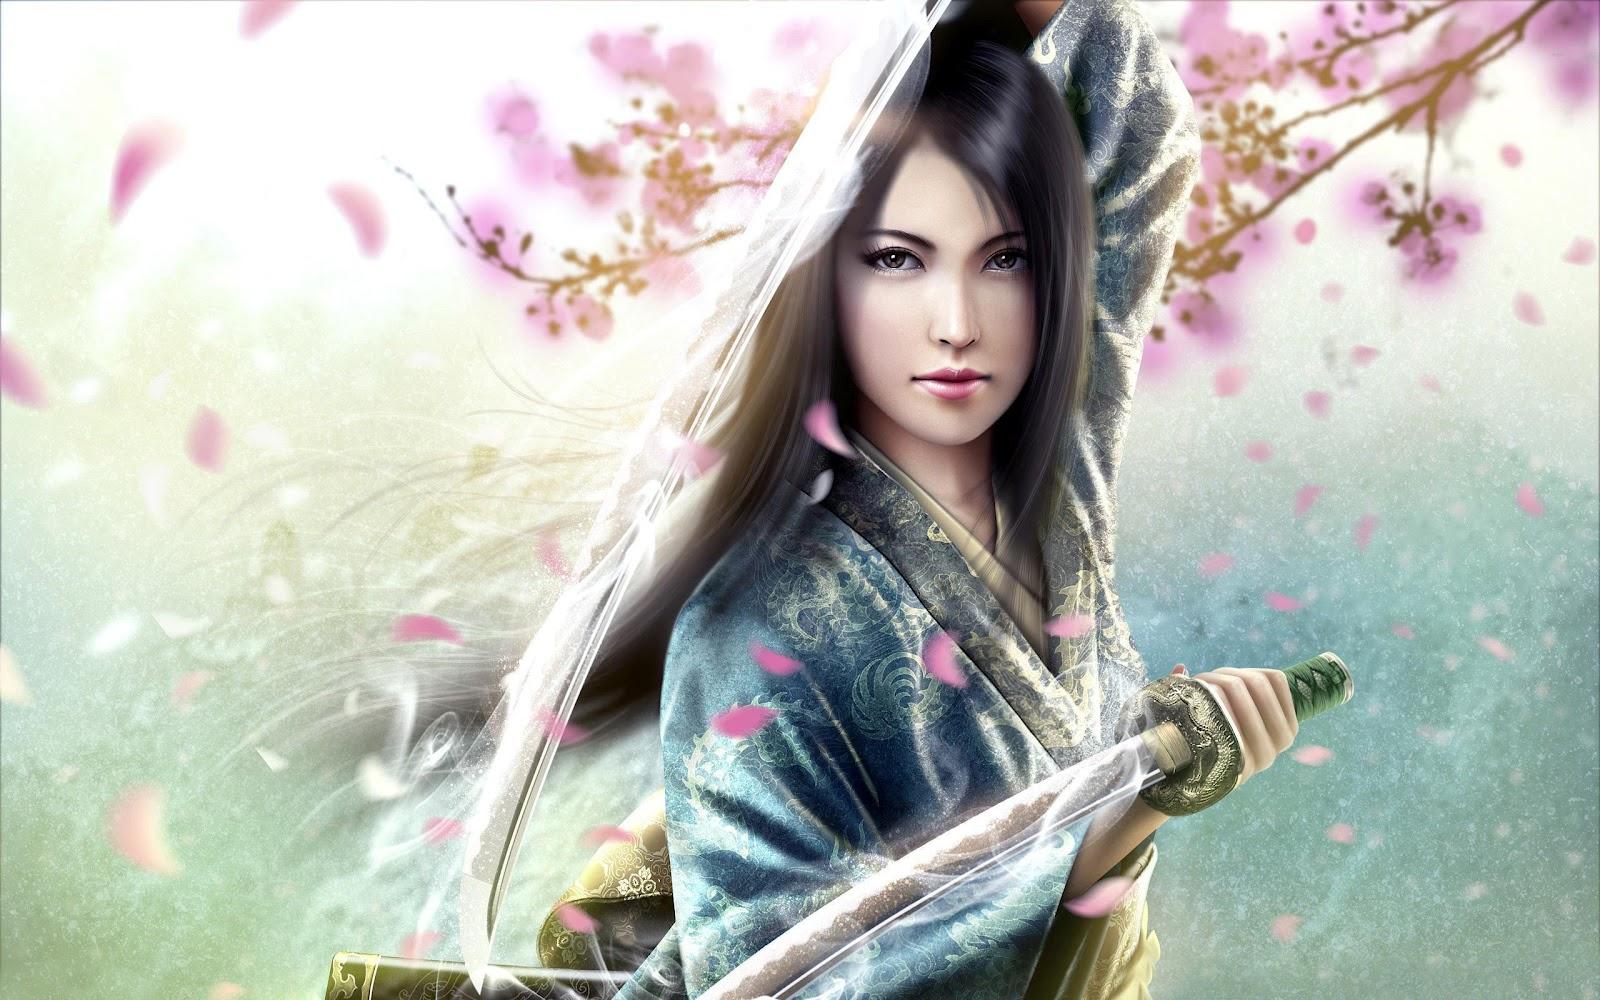 Samurai Girl Hd Wallpapers 8316 Wallpaper Wallpaper hd 1600x1000